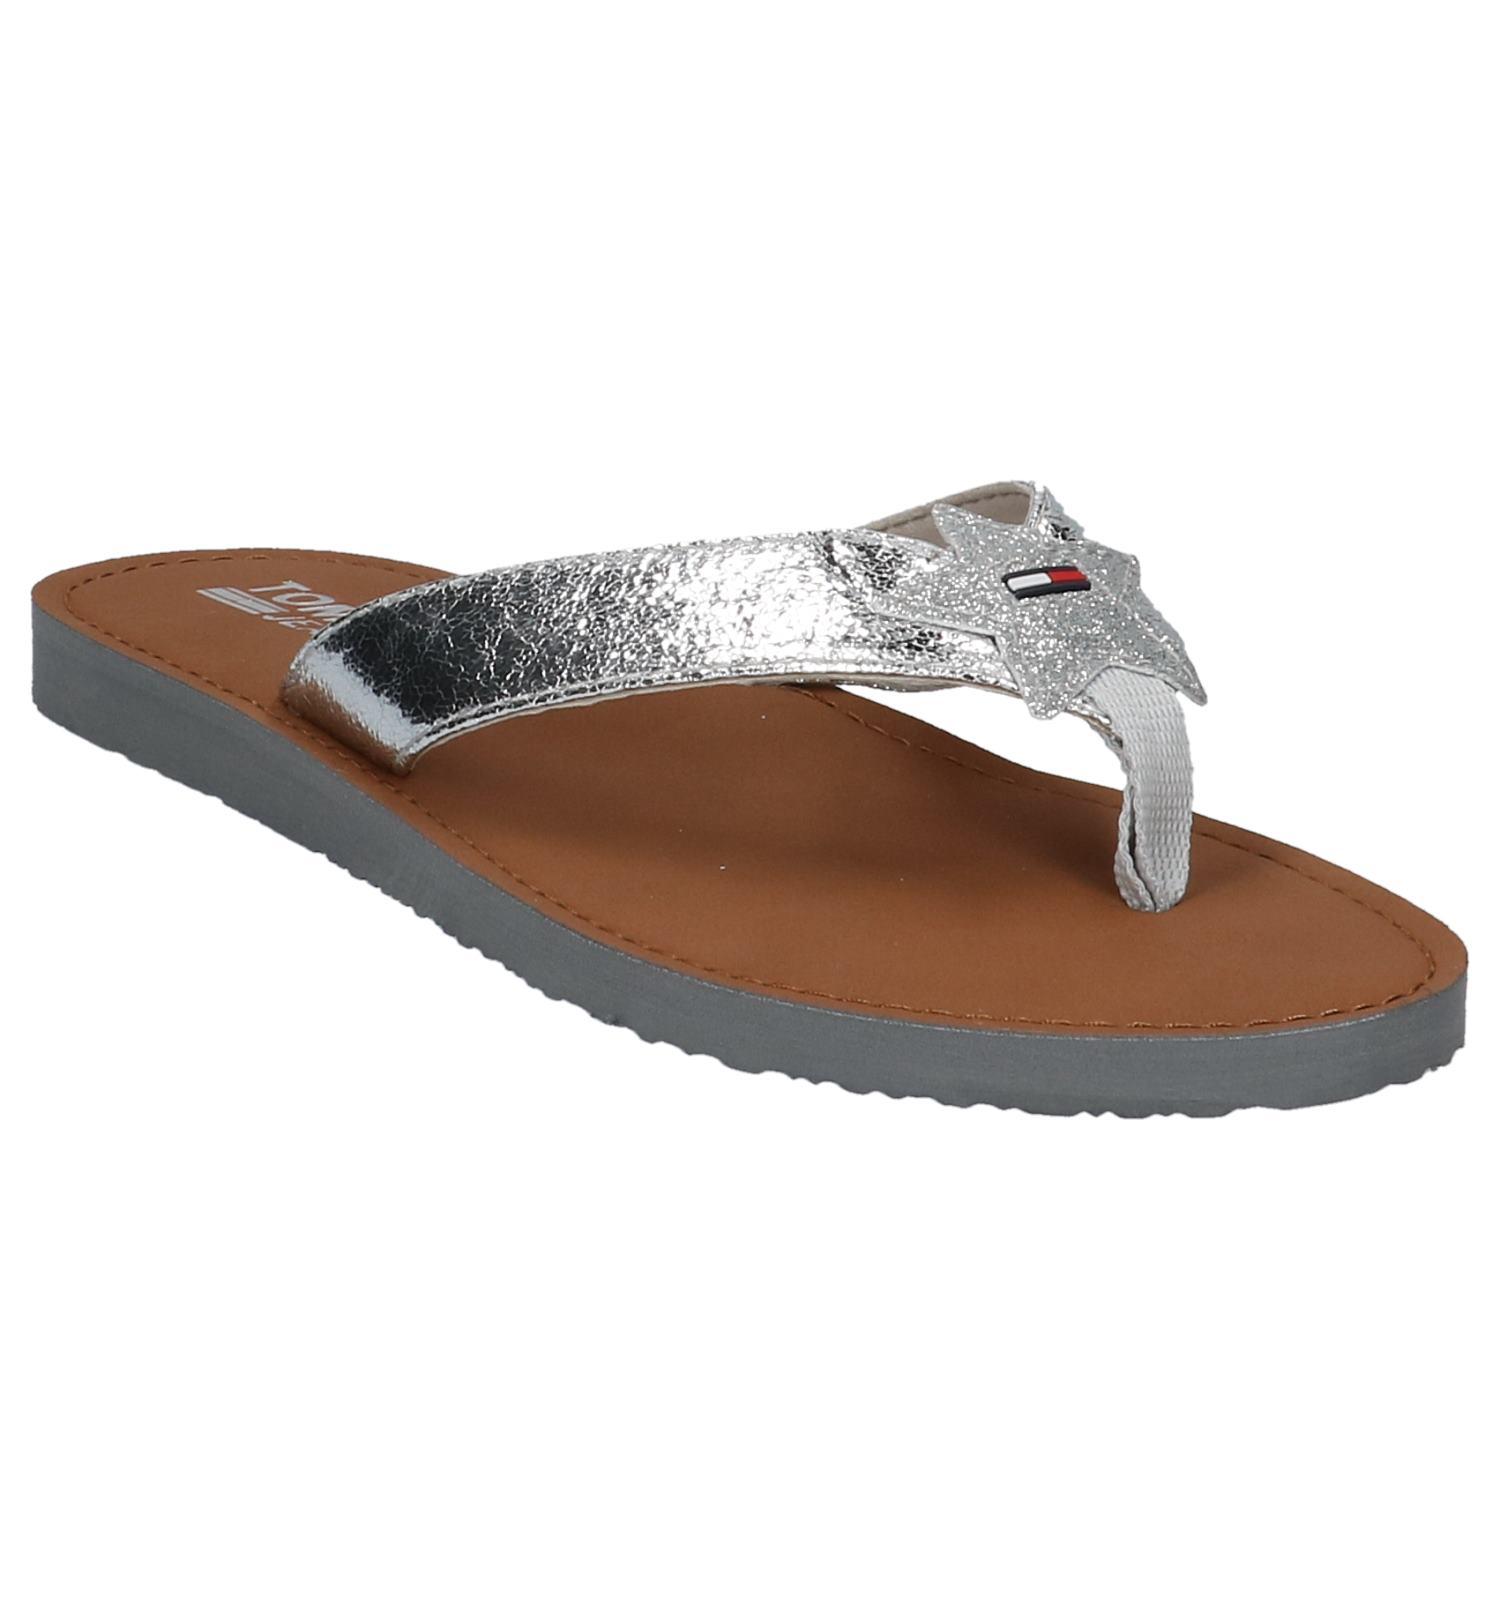 Sandal Hilfiger Tommy Zilveren Glitter Teenslipper Beach PXZuOkiT